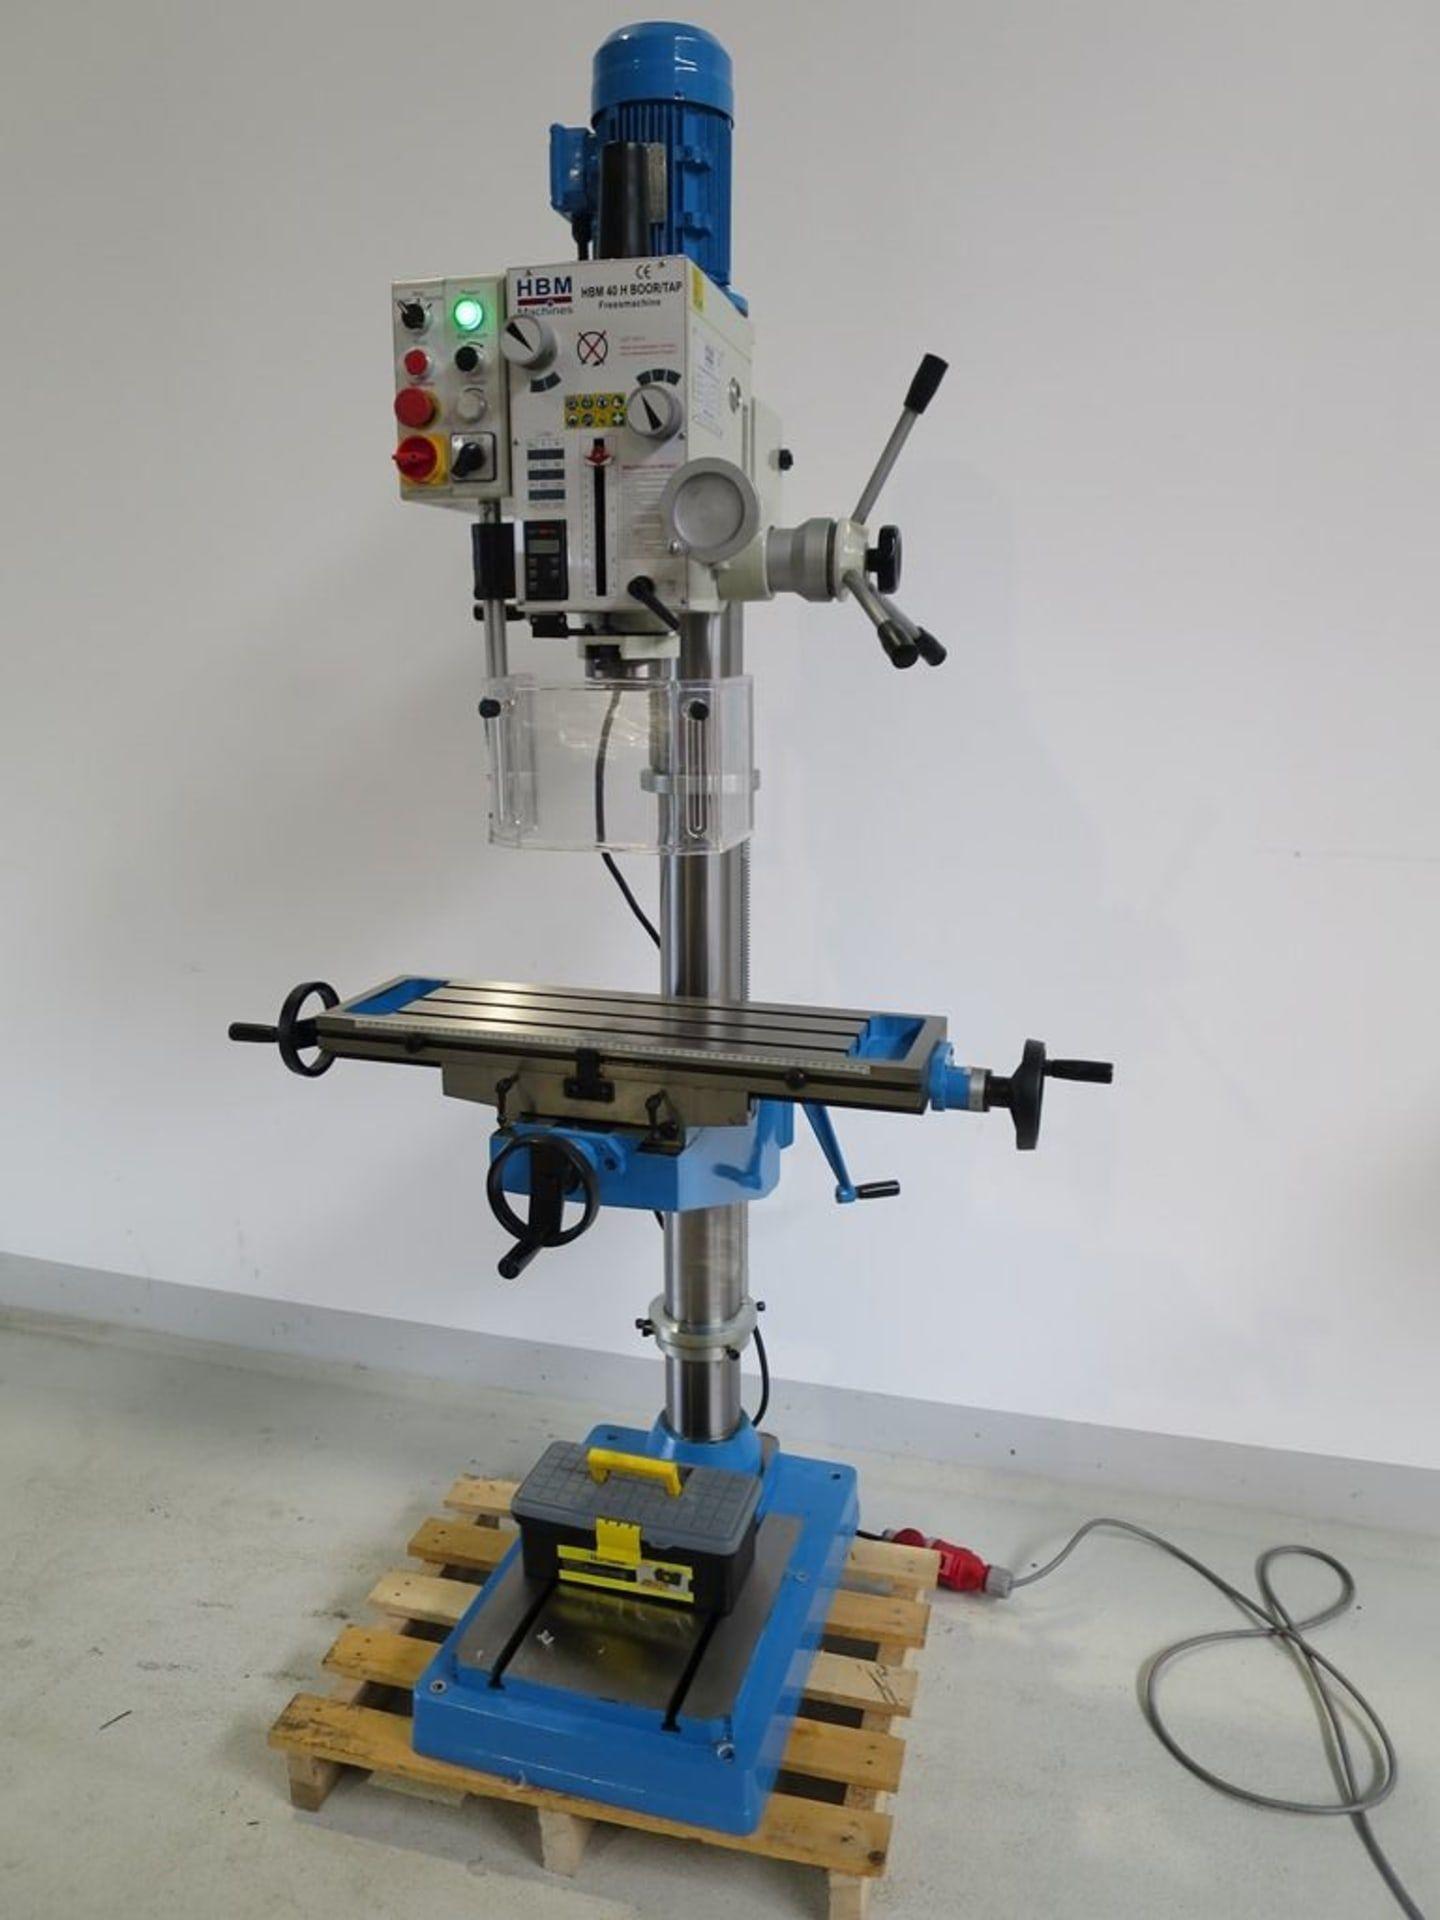 HBM H 40 Bohr- Fräsmaschine